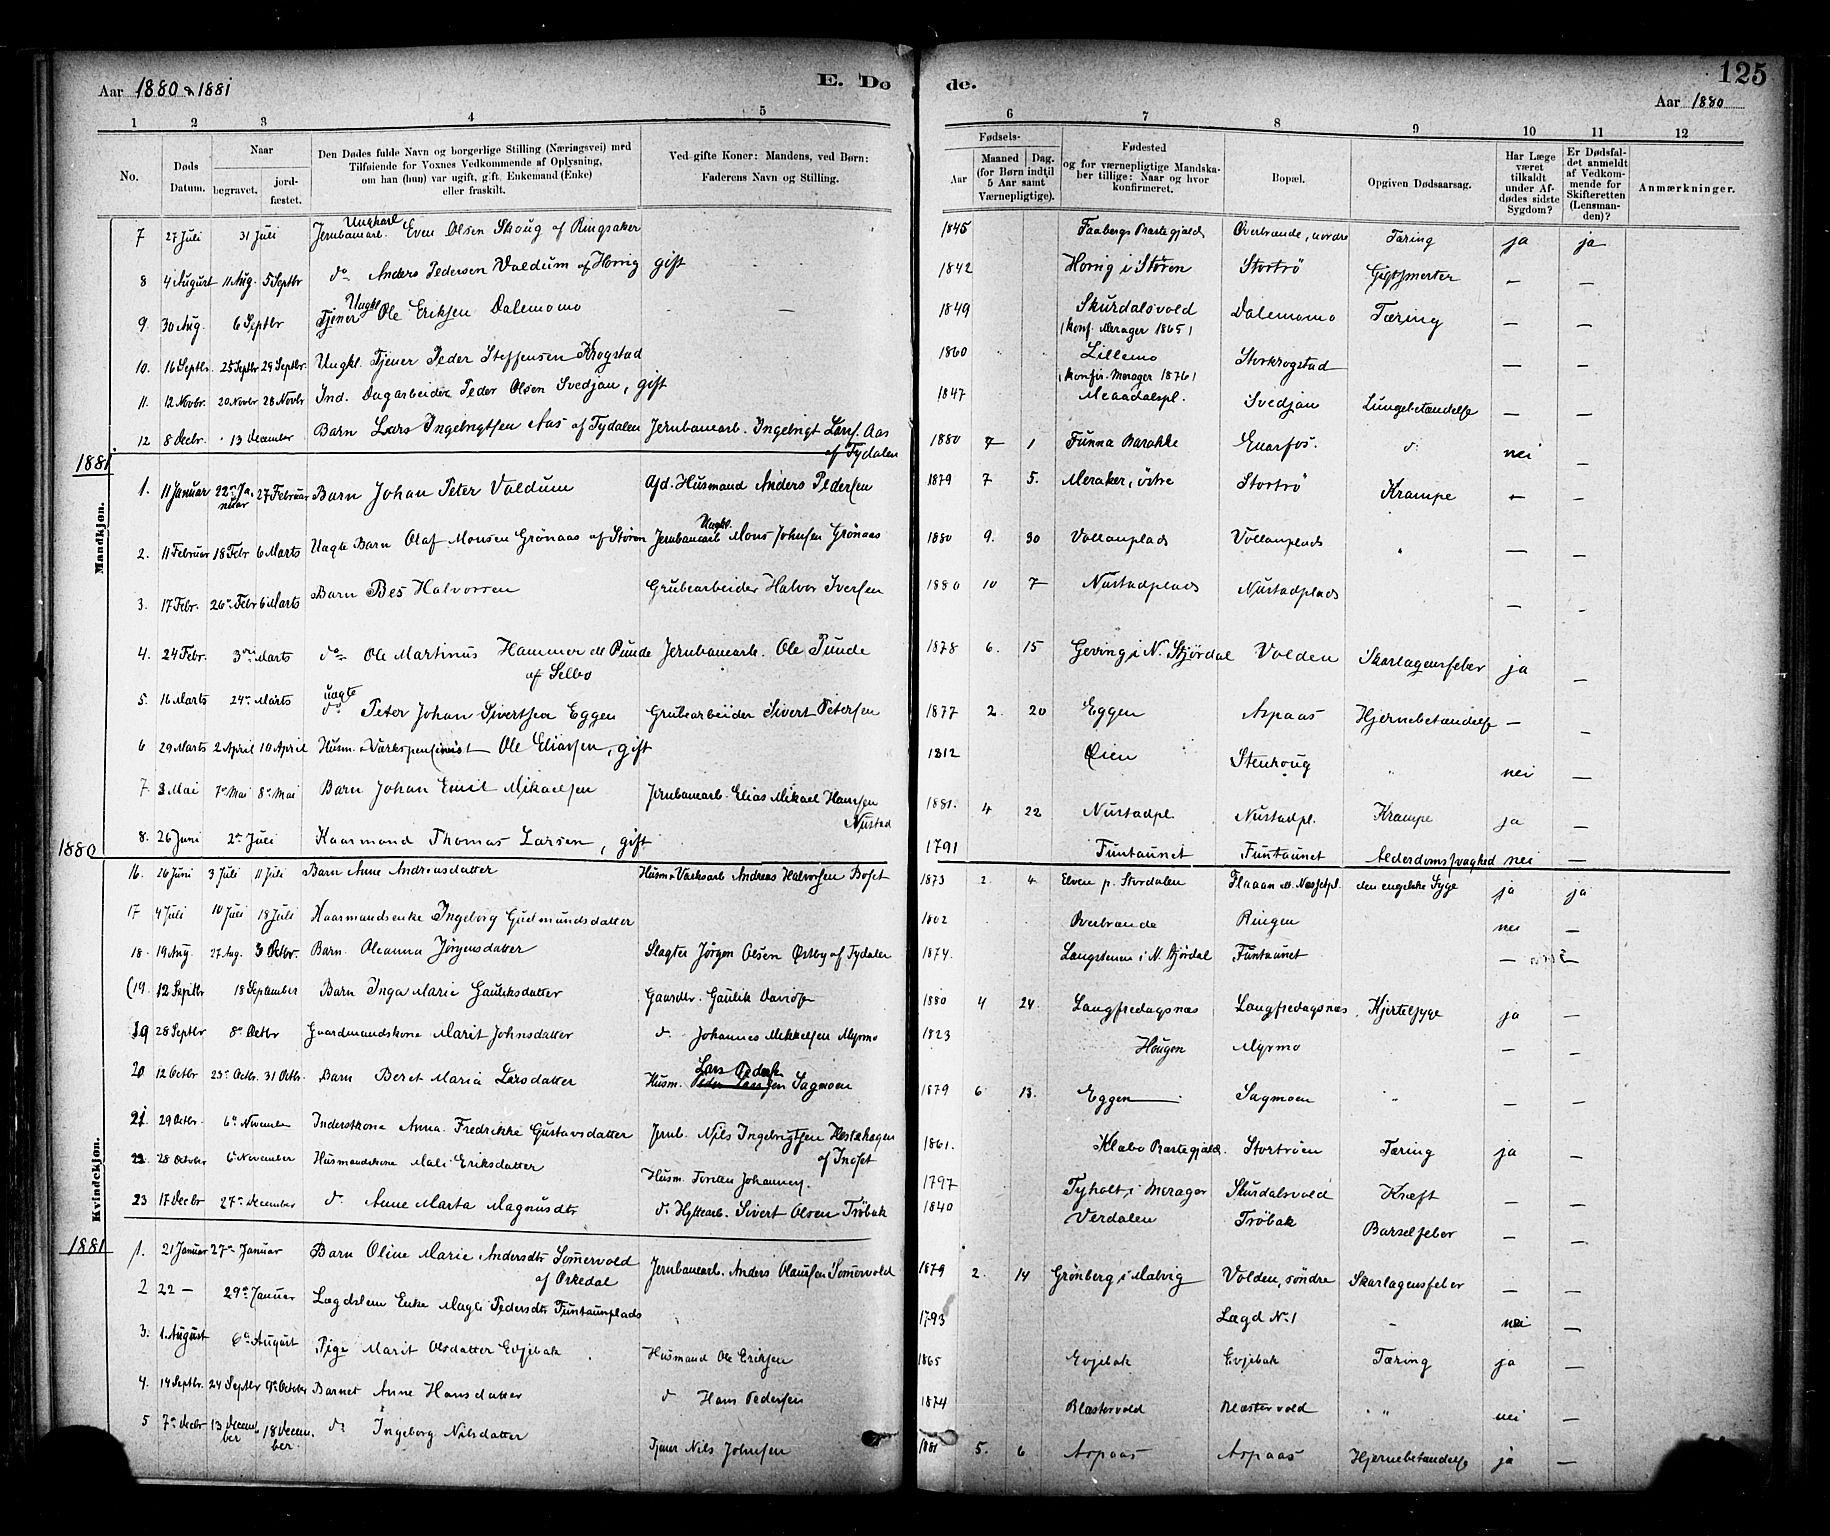 SAT, Ministerialprotokoller, klokkerbøker og fødselsregistre - Nord-Trøndelag, 706/L0047: Parish register (official) no. 706A03, 1878-1892, p. 125